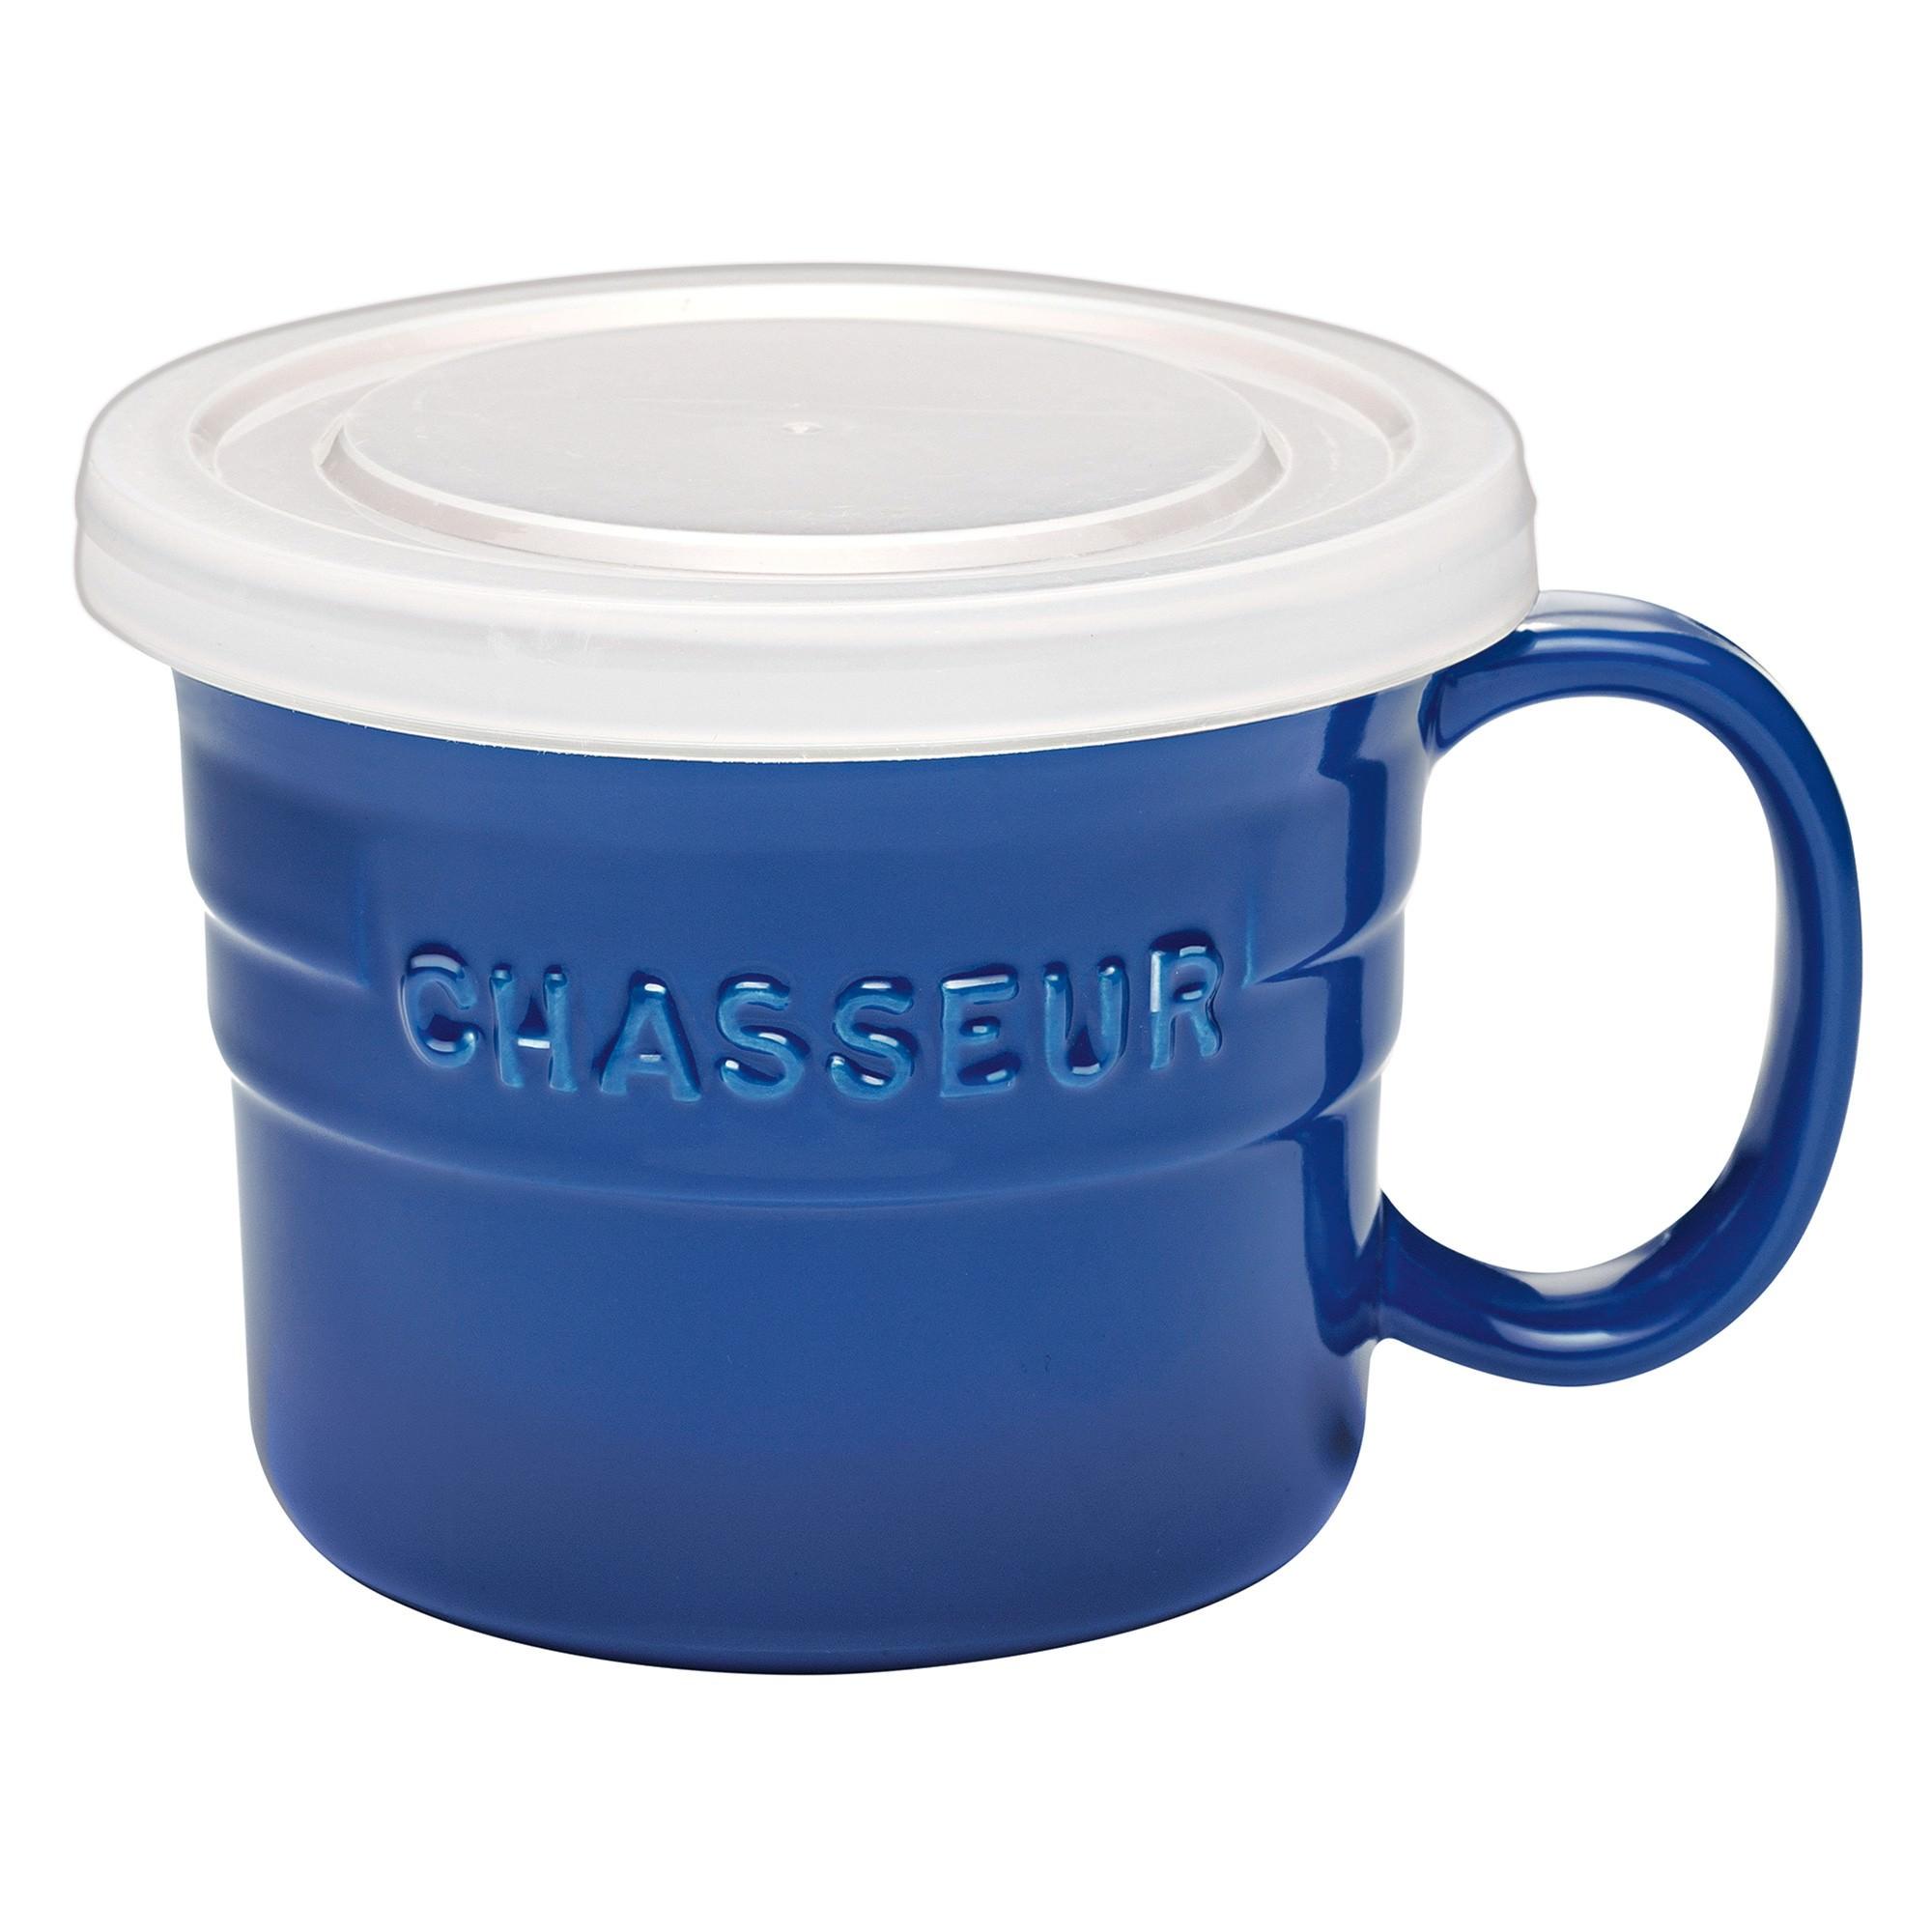 Chasseur La Cuisson 500ml Soup Mug with Lid - Blue